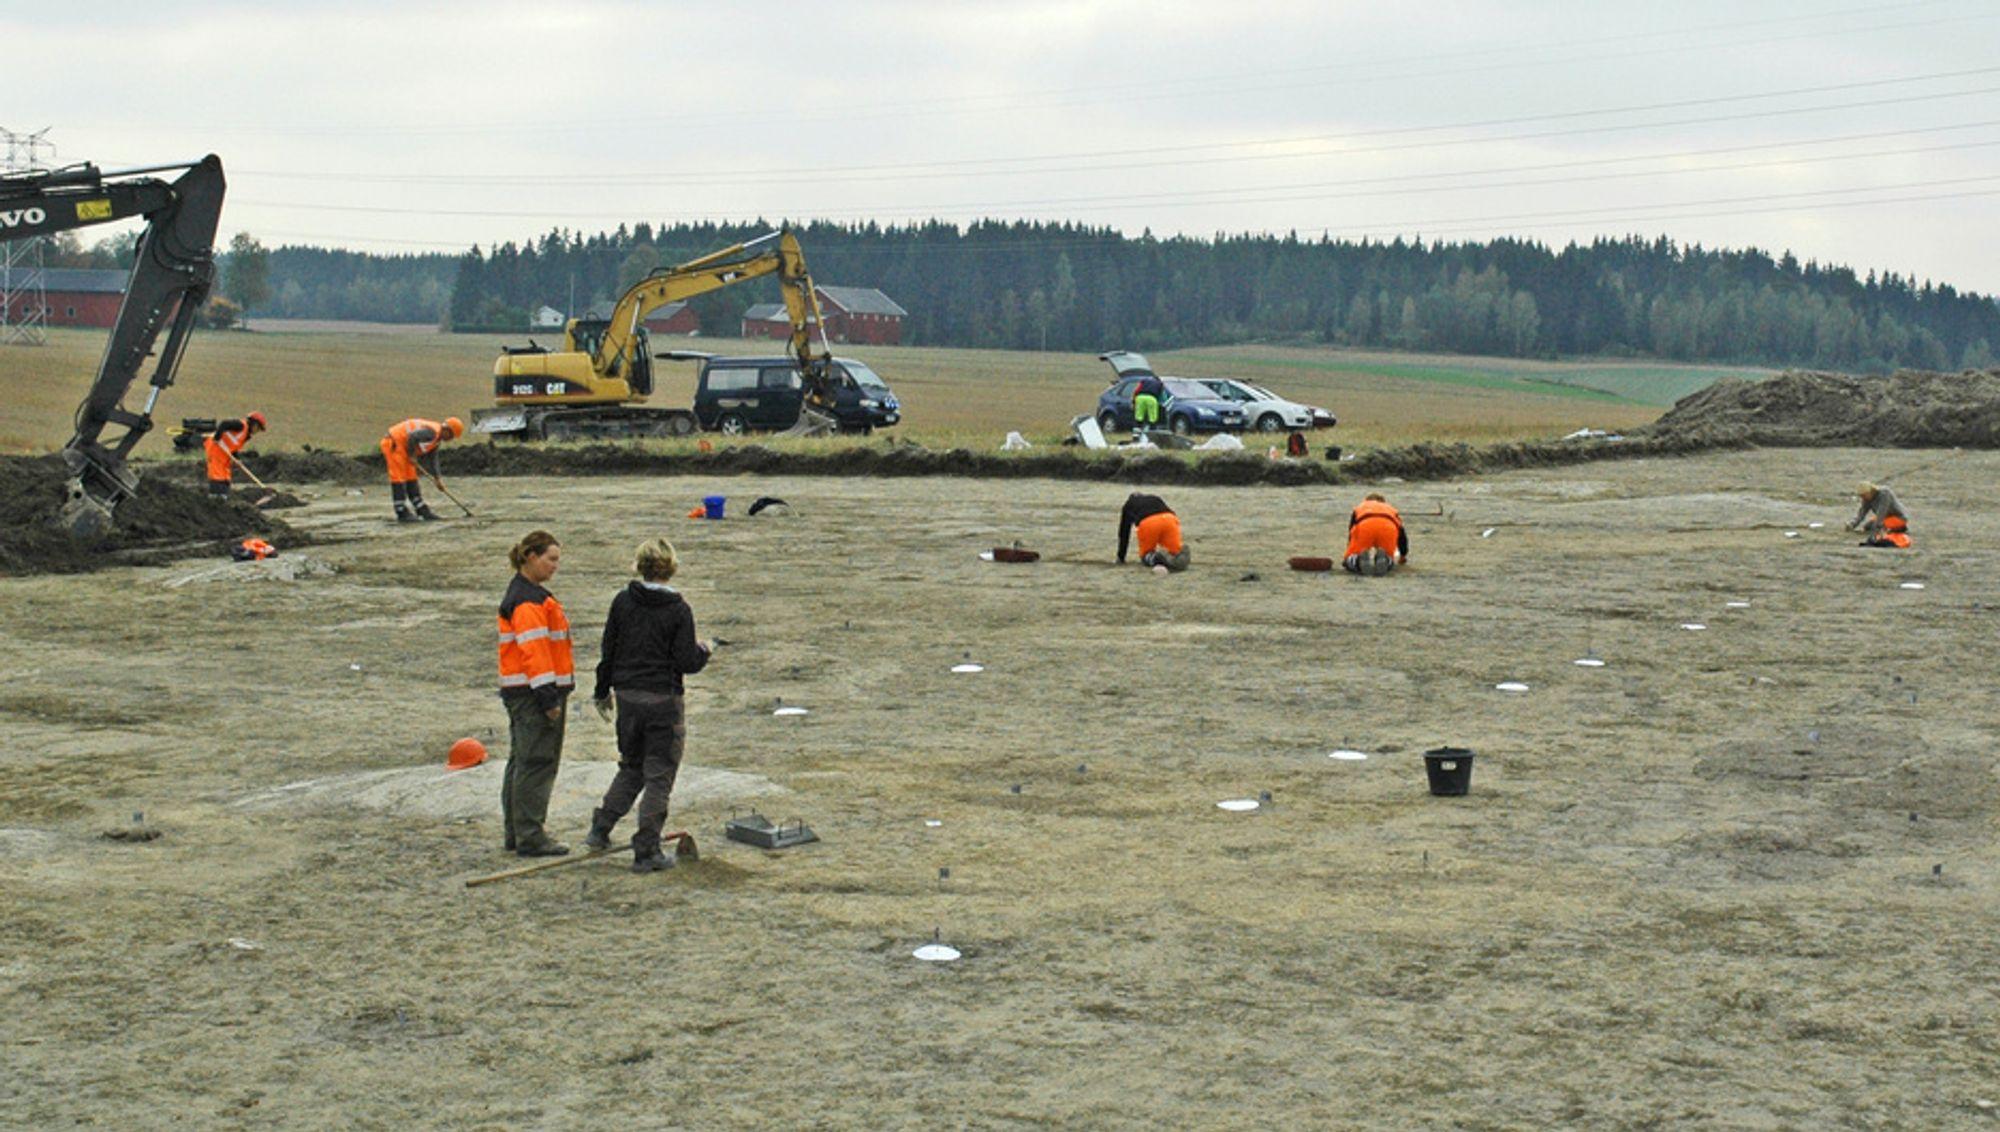 Etter omfattende arkeologiske undersøkelse og atskillige funn ble E 18-traséen mellom Knapstad og Krosby frigitt i fjor. Nå skal Råde Graveservice etablere anleggsveg gjennom dette området.